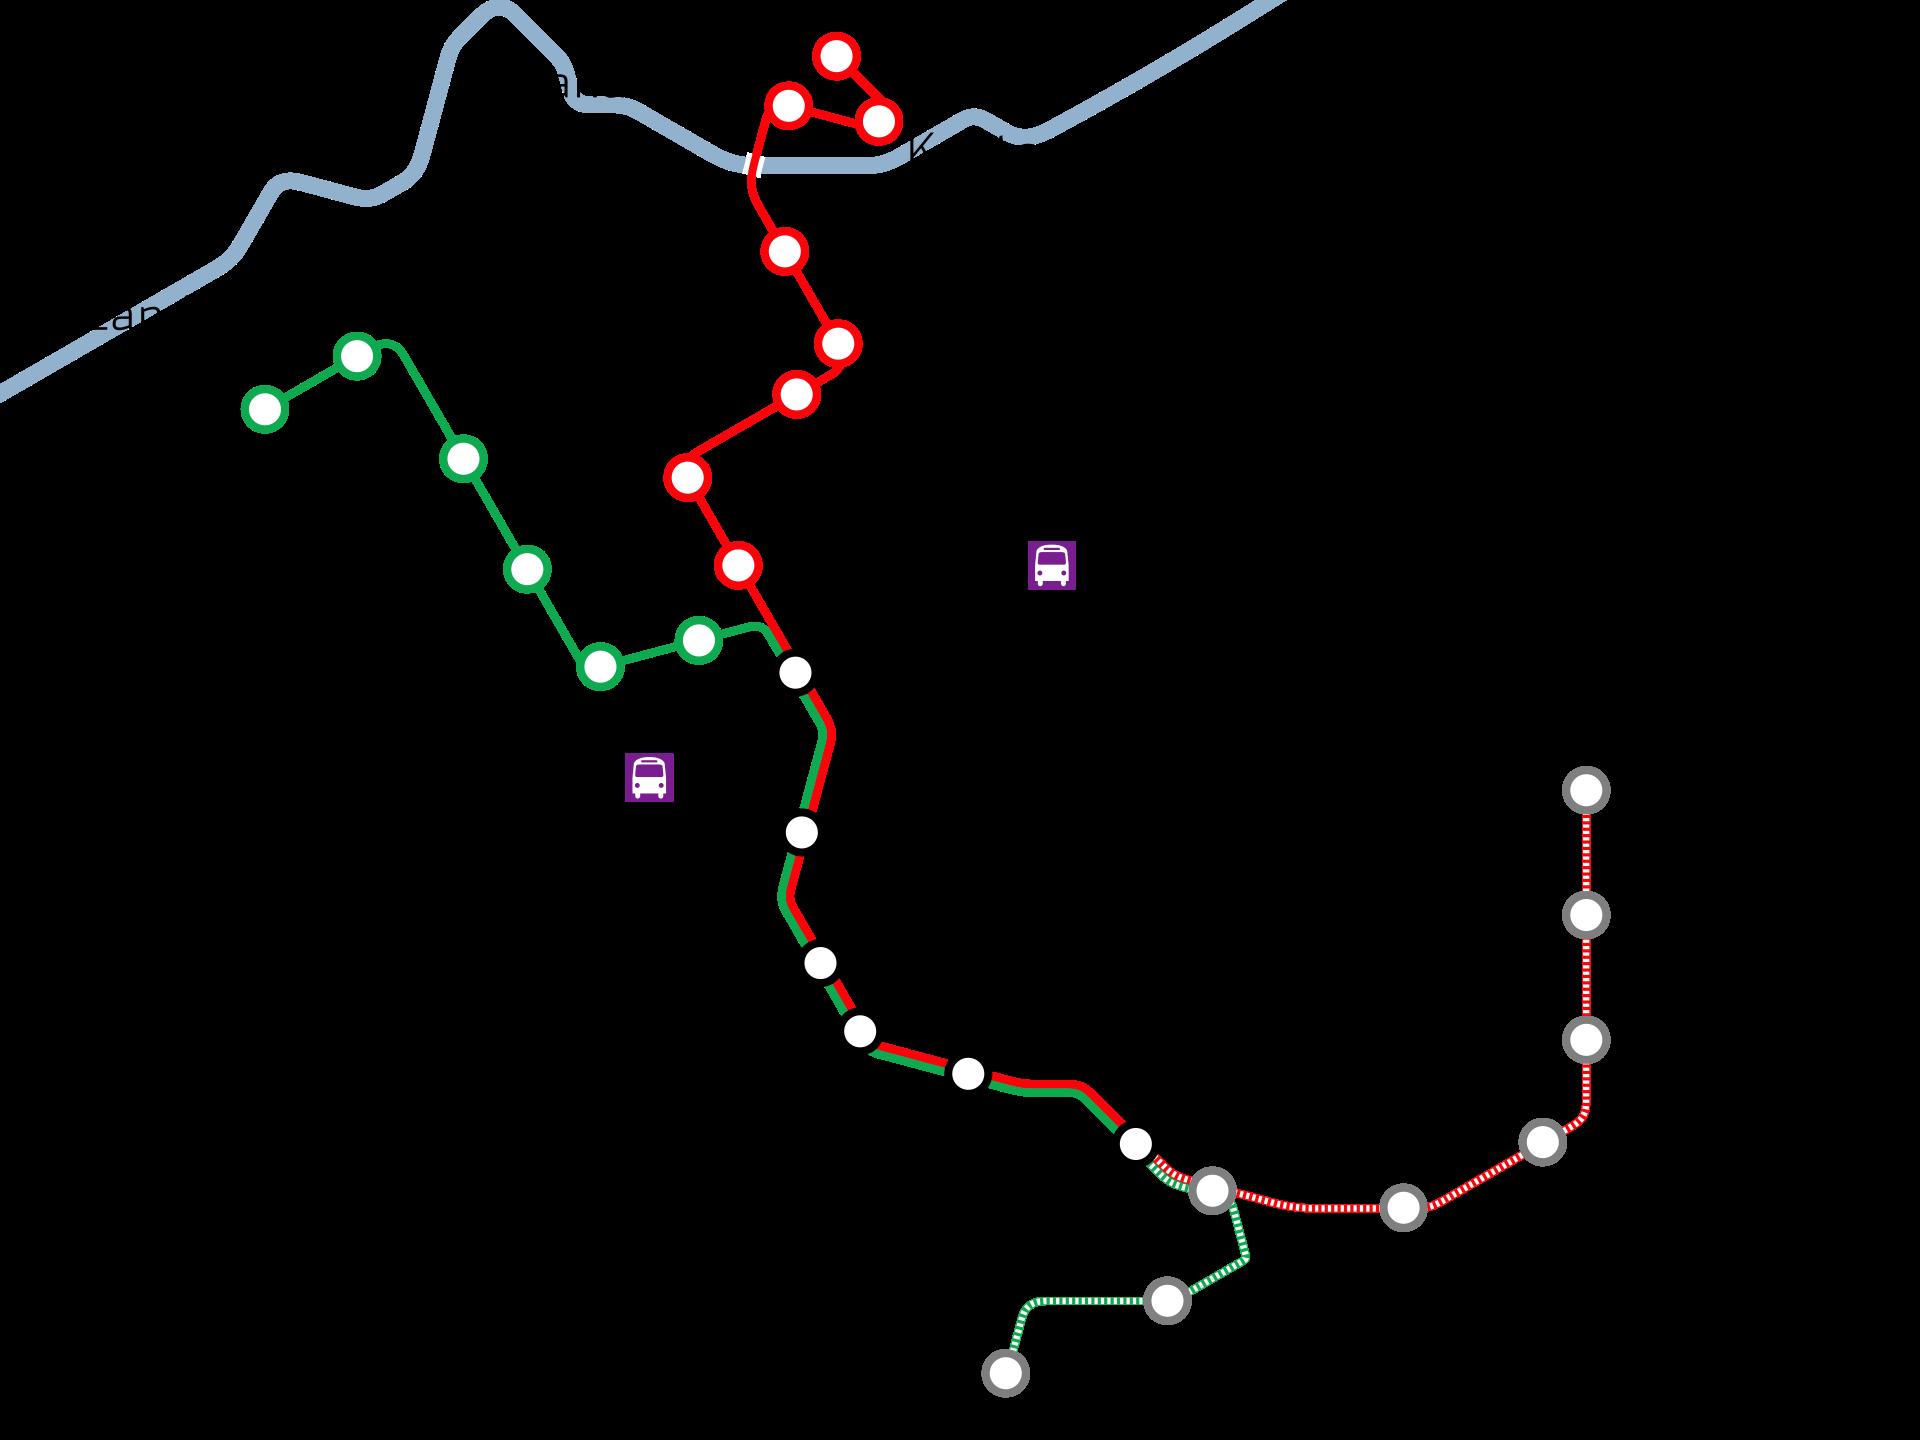 Mapa de las lineas de tranvía en Vitoria-Gasteiz